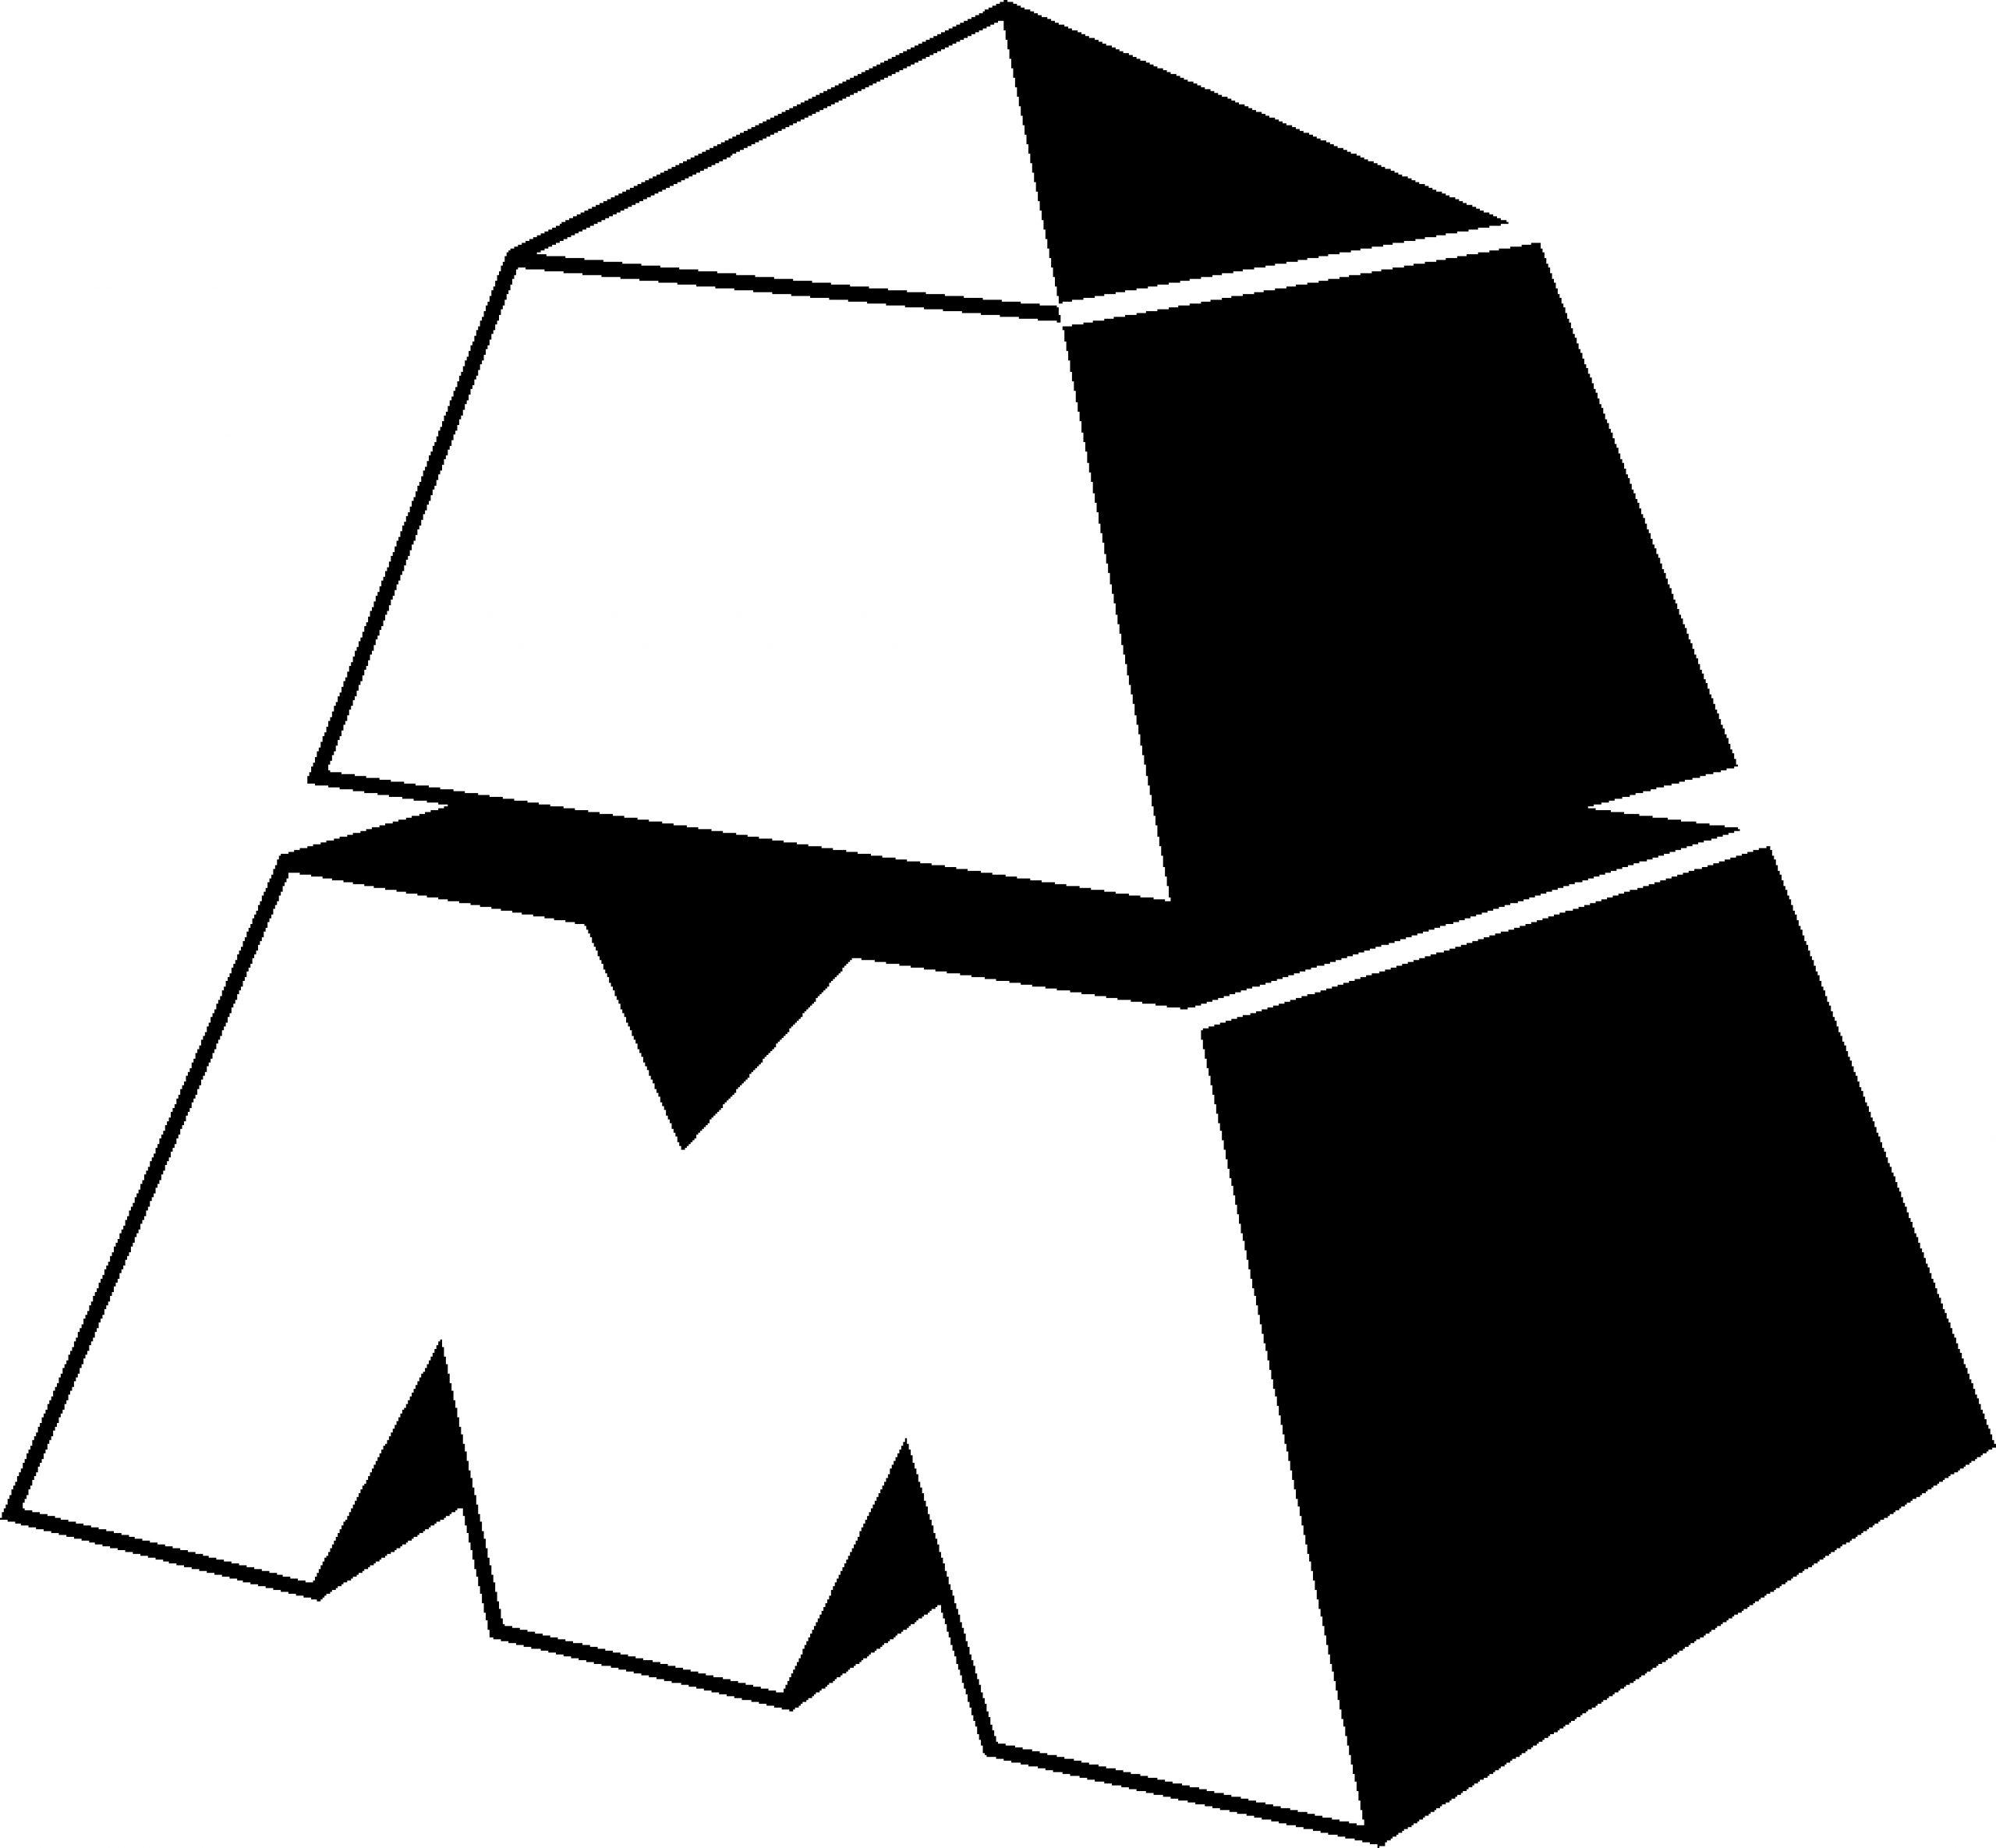 Milestone Media Group